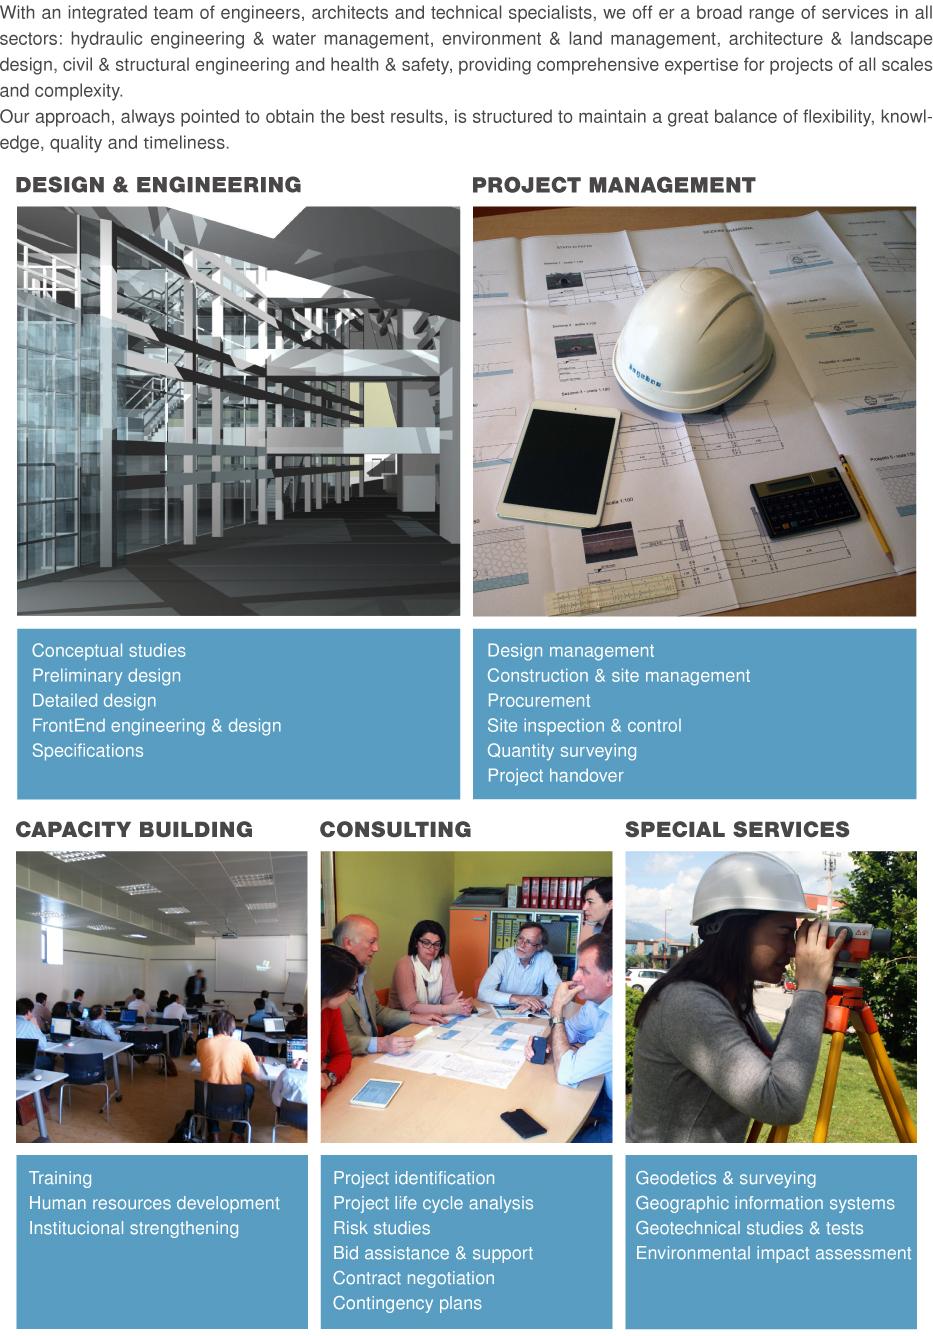 service_desarrollo3